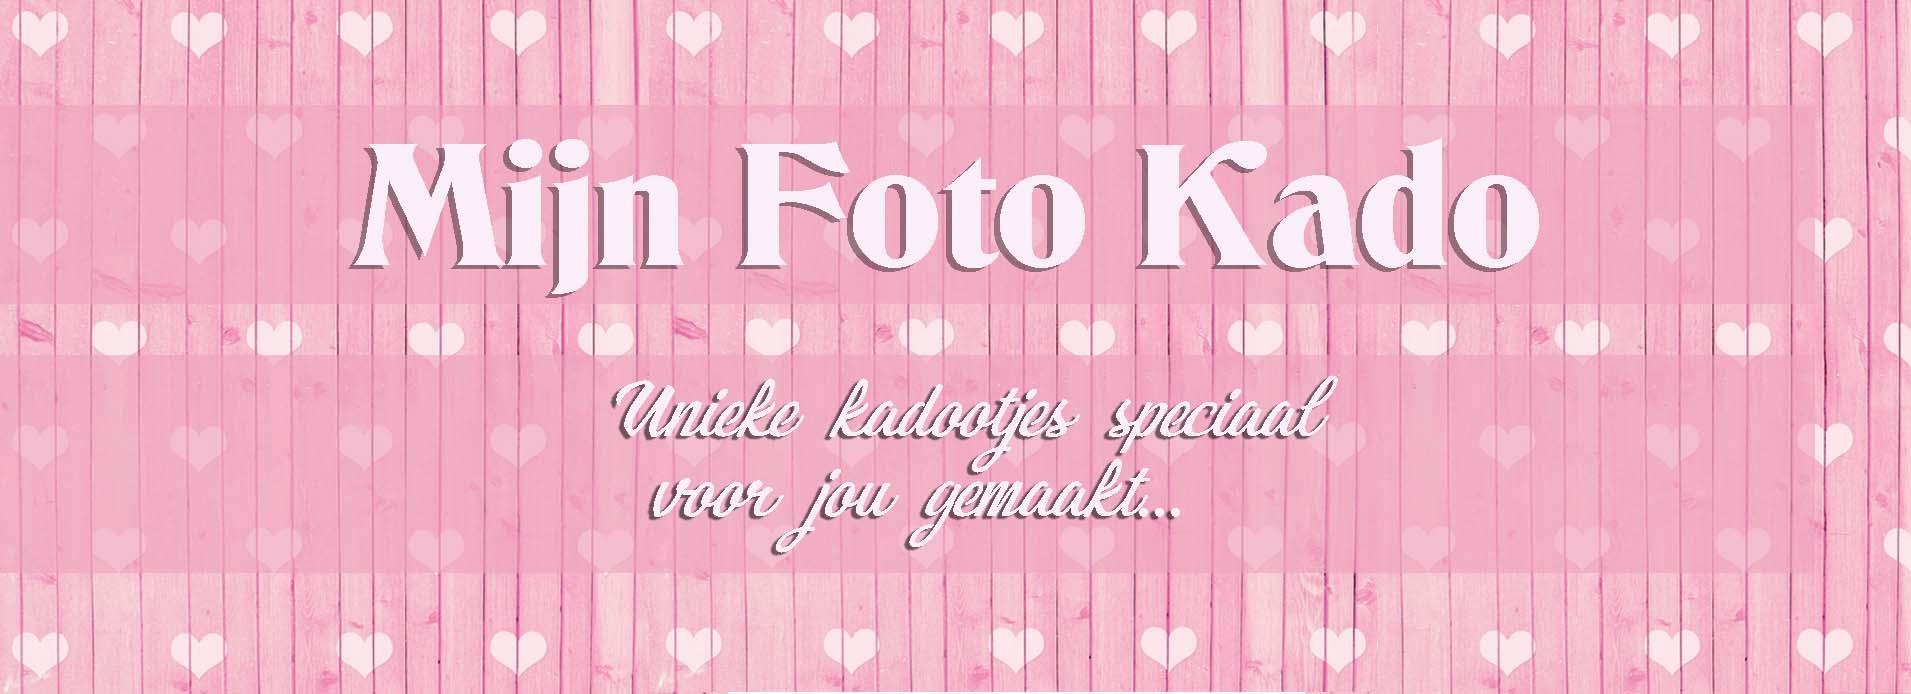 Mijn Foto Kado